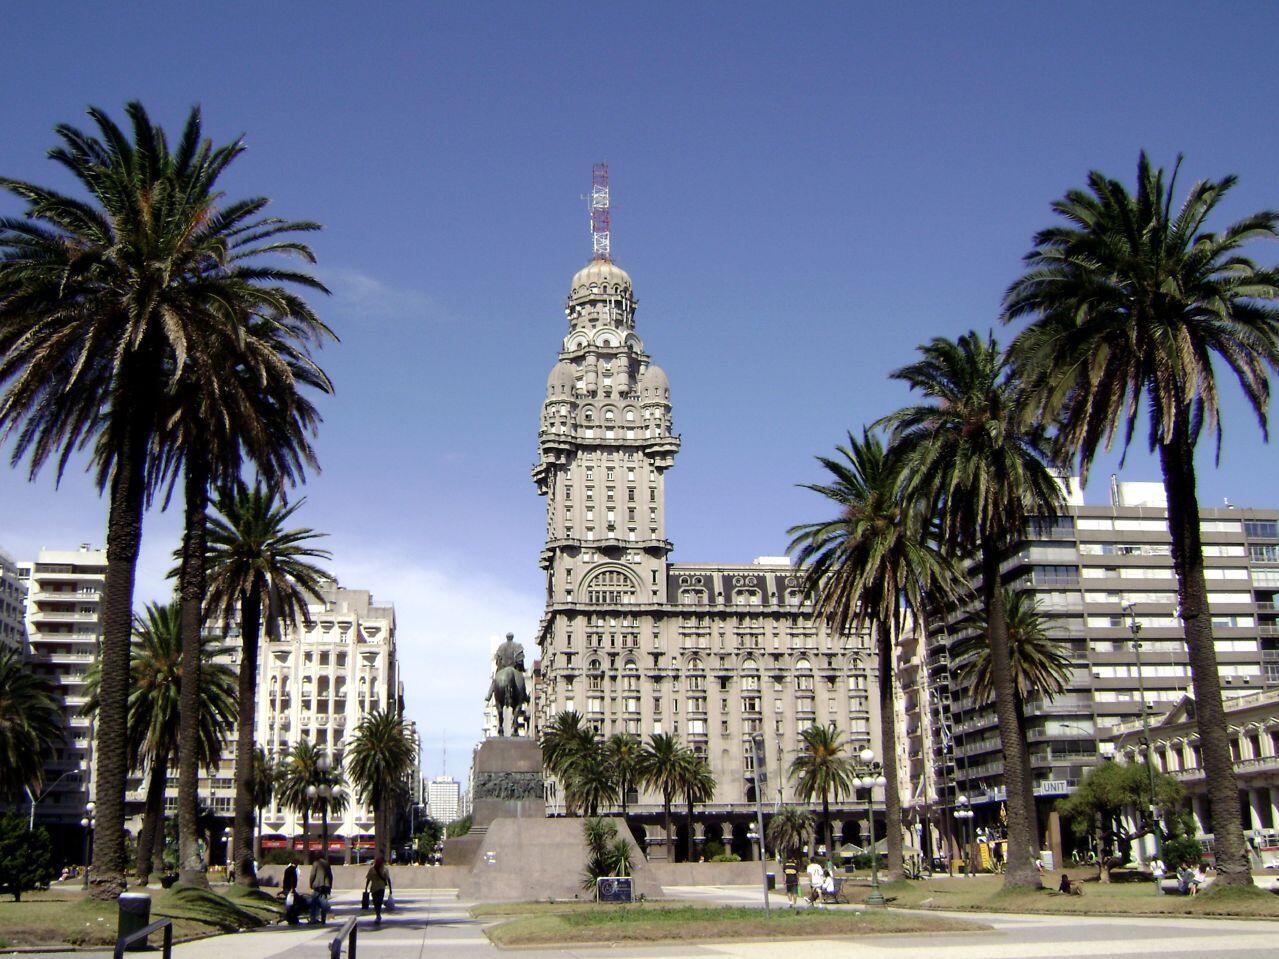 Uruguai tornou-se uma nova rota de narcotráfico para os continentes europeu e africano.